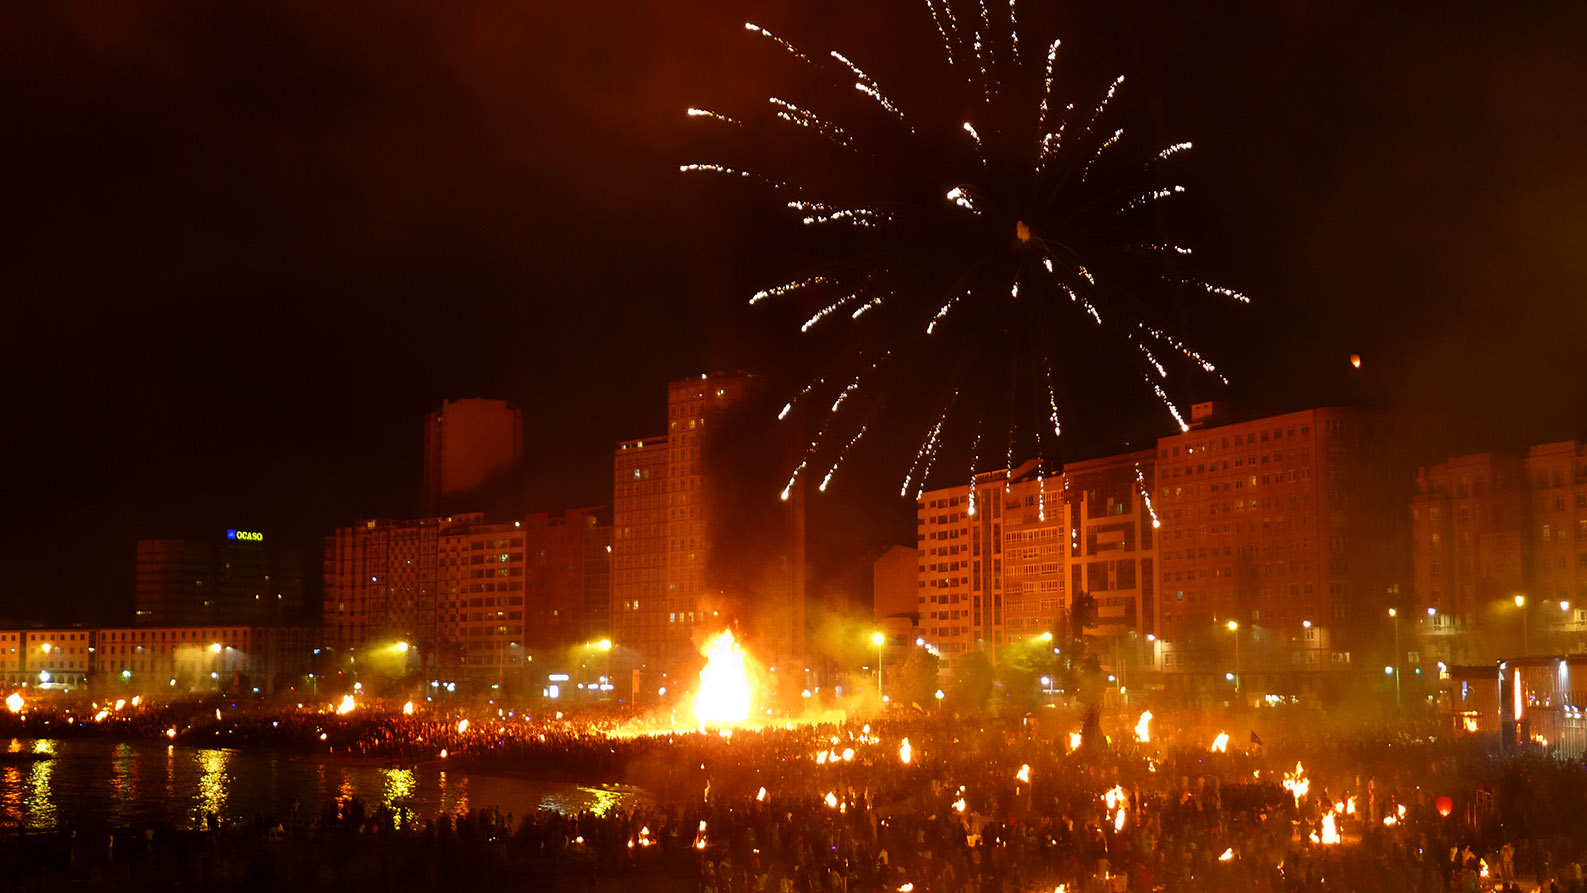 Espíritu de fuego en las Fiestas de San Juan en Coruña 2015